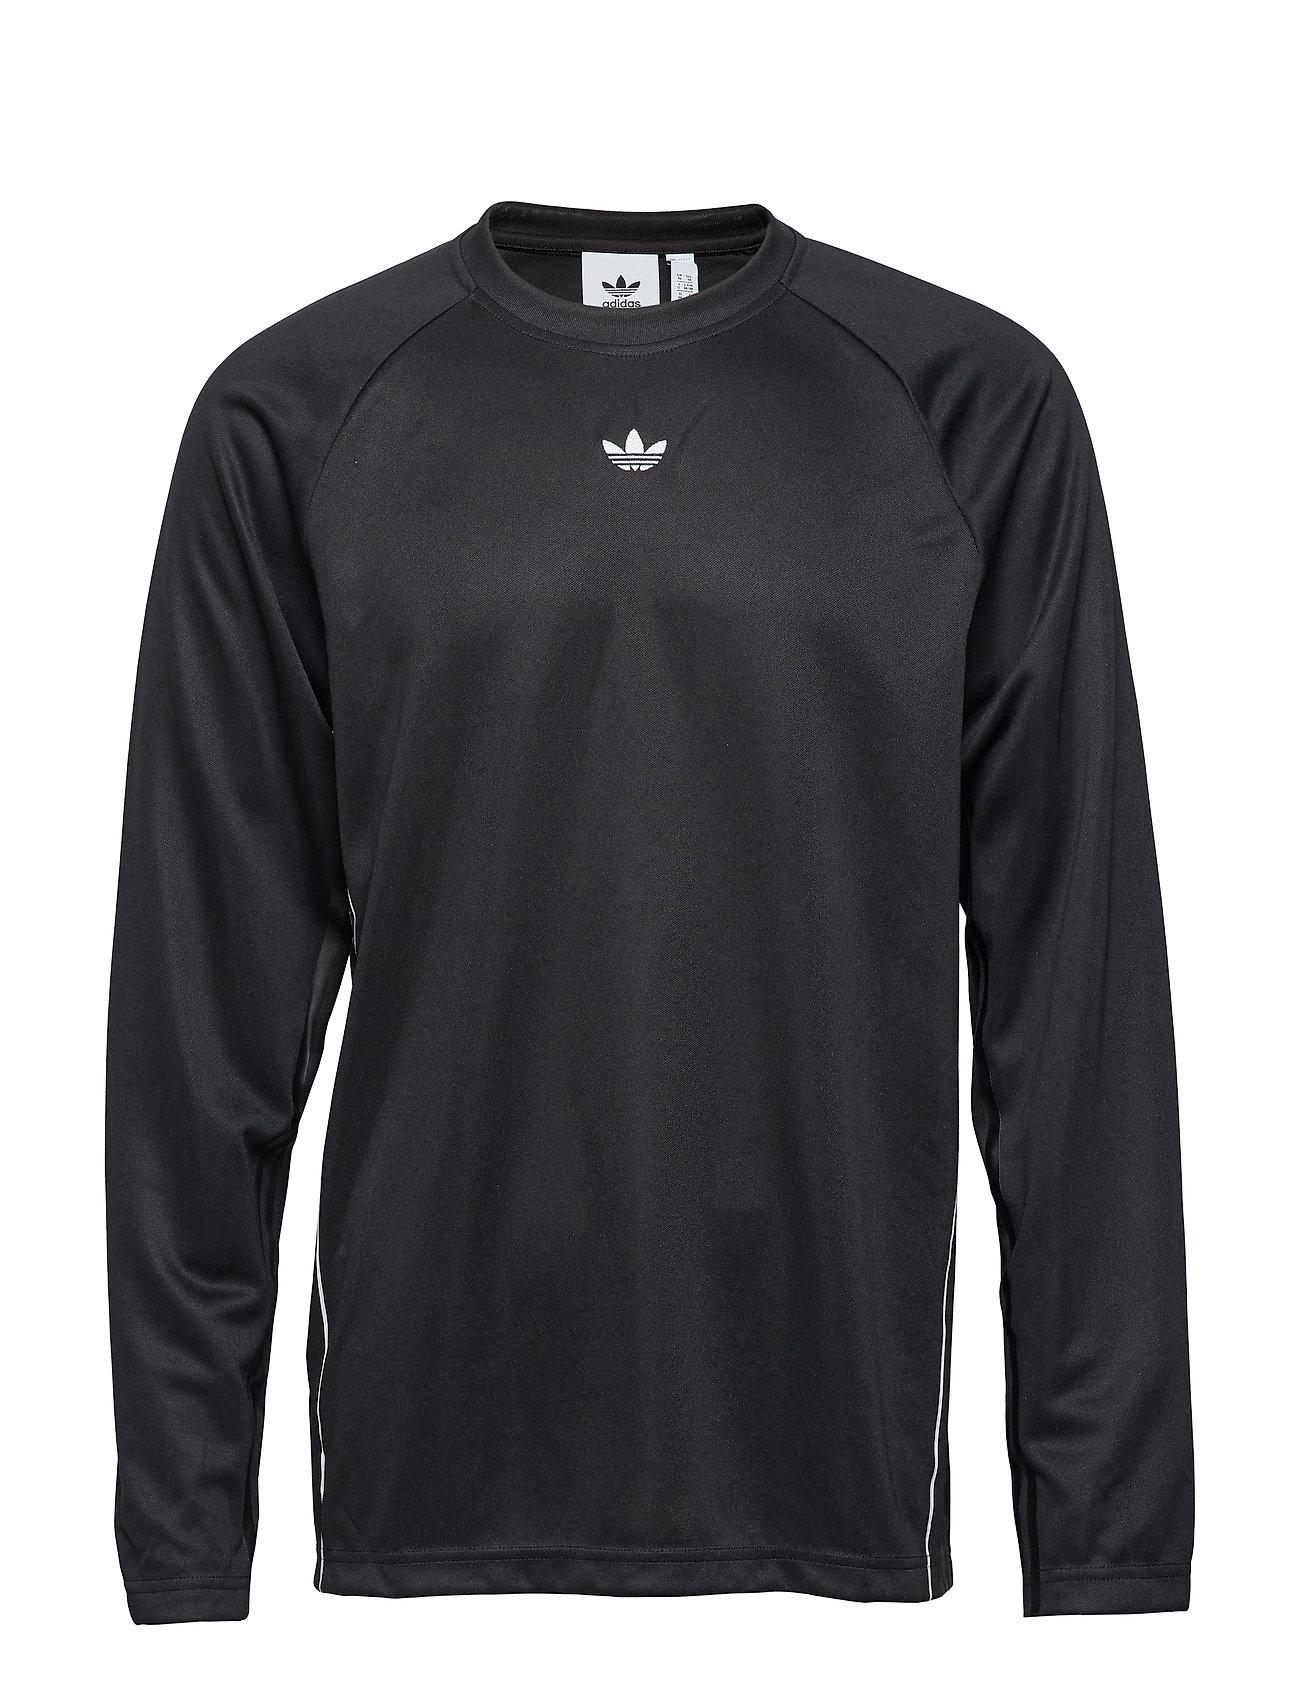 adidas Originals FLAMESTRK LS-T - BLACK